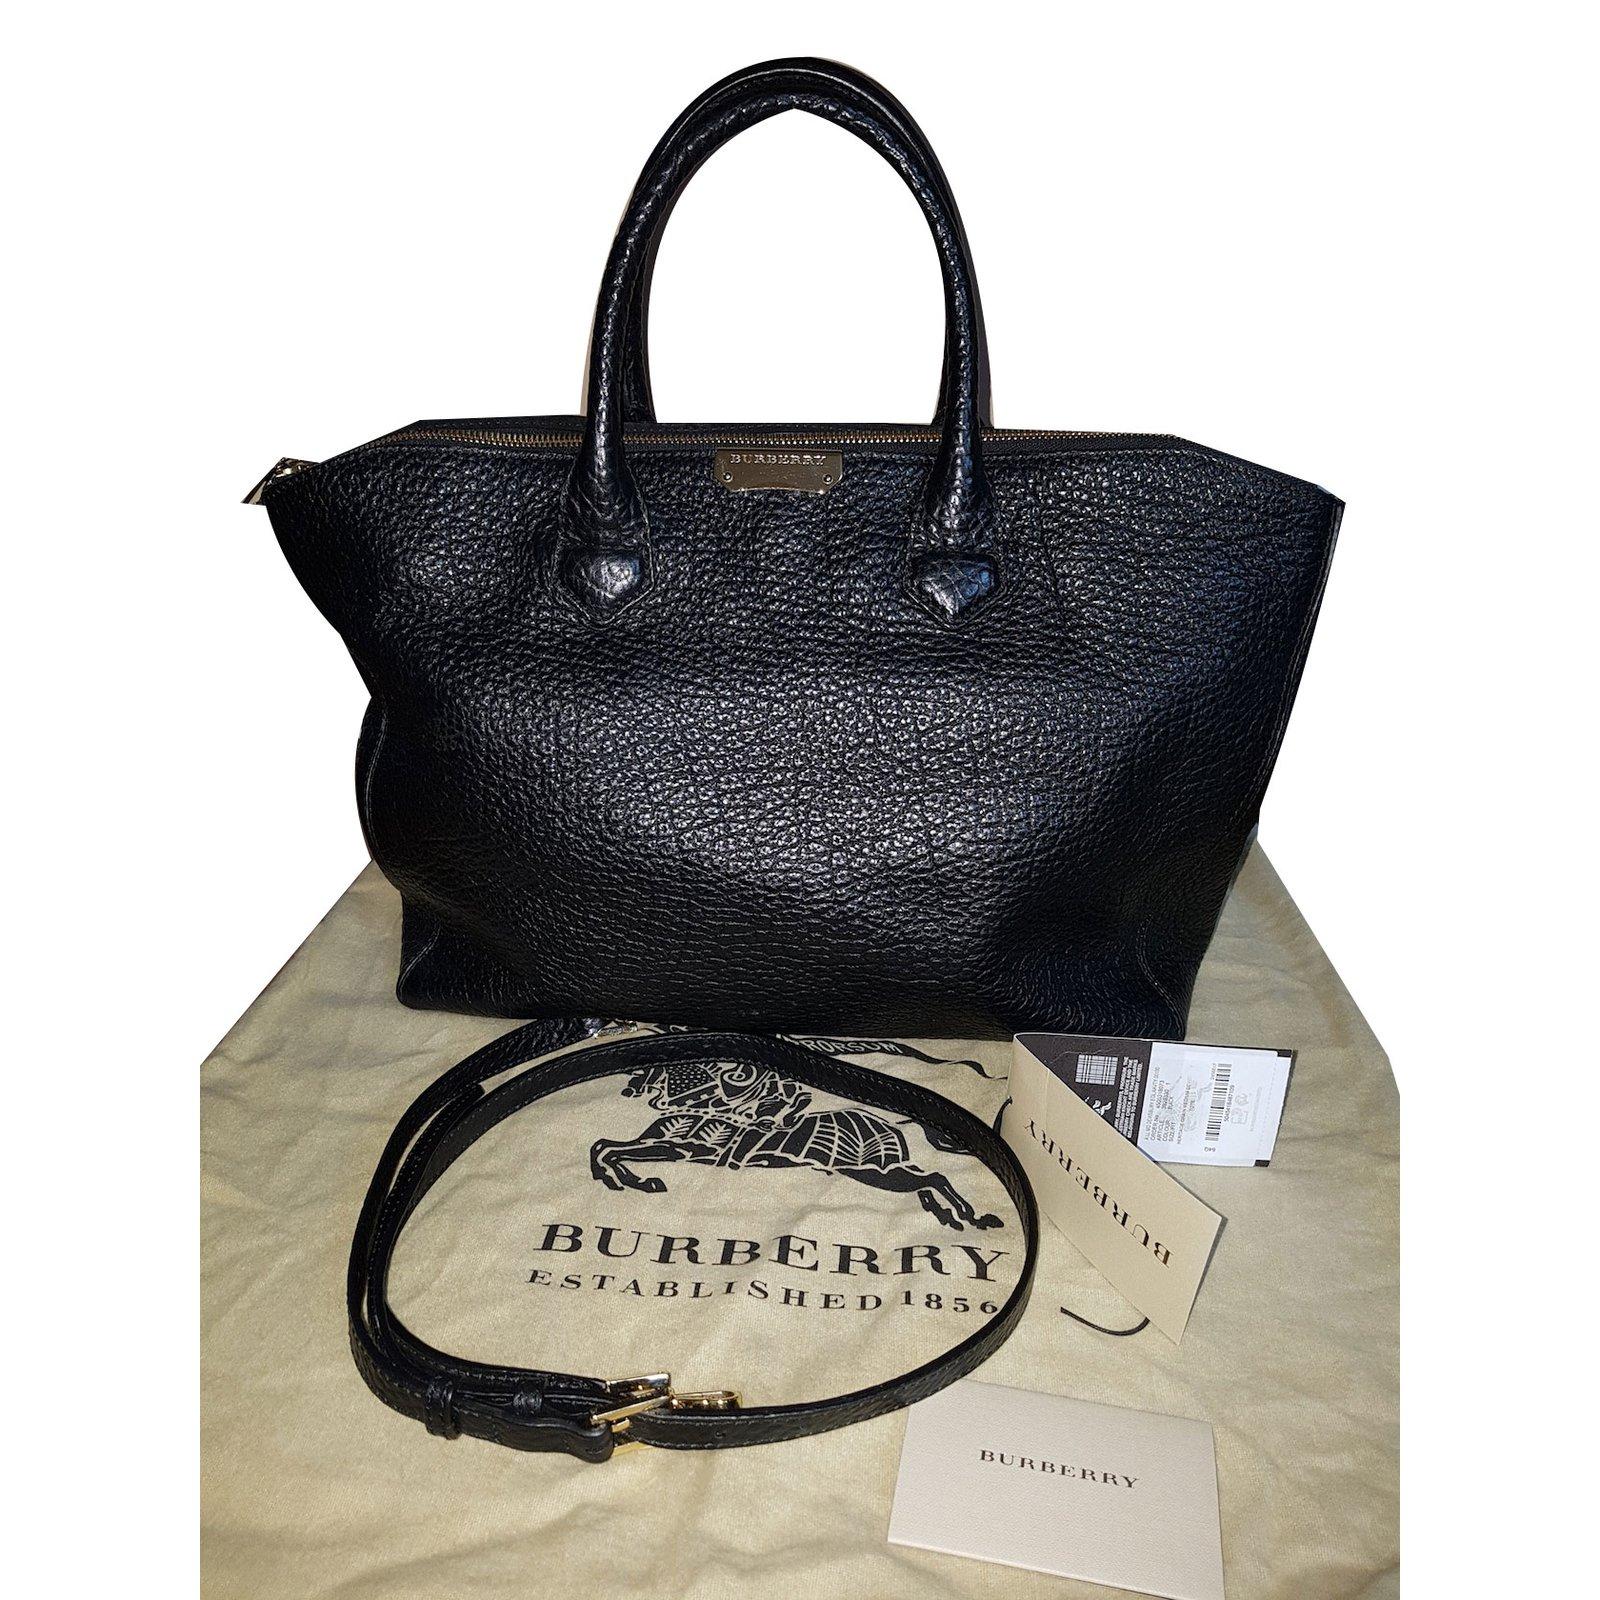 16b14e5a8b9 Burberry Tote Bag Handbags Leather Black ref.73339 - Joli Closet